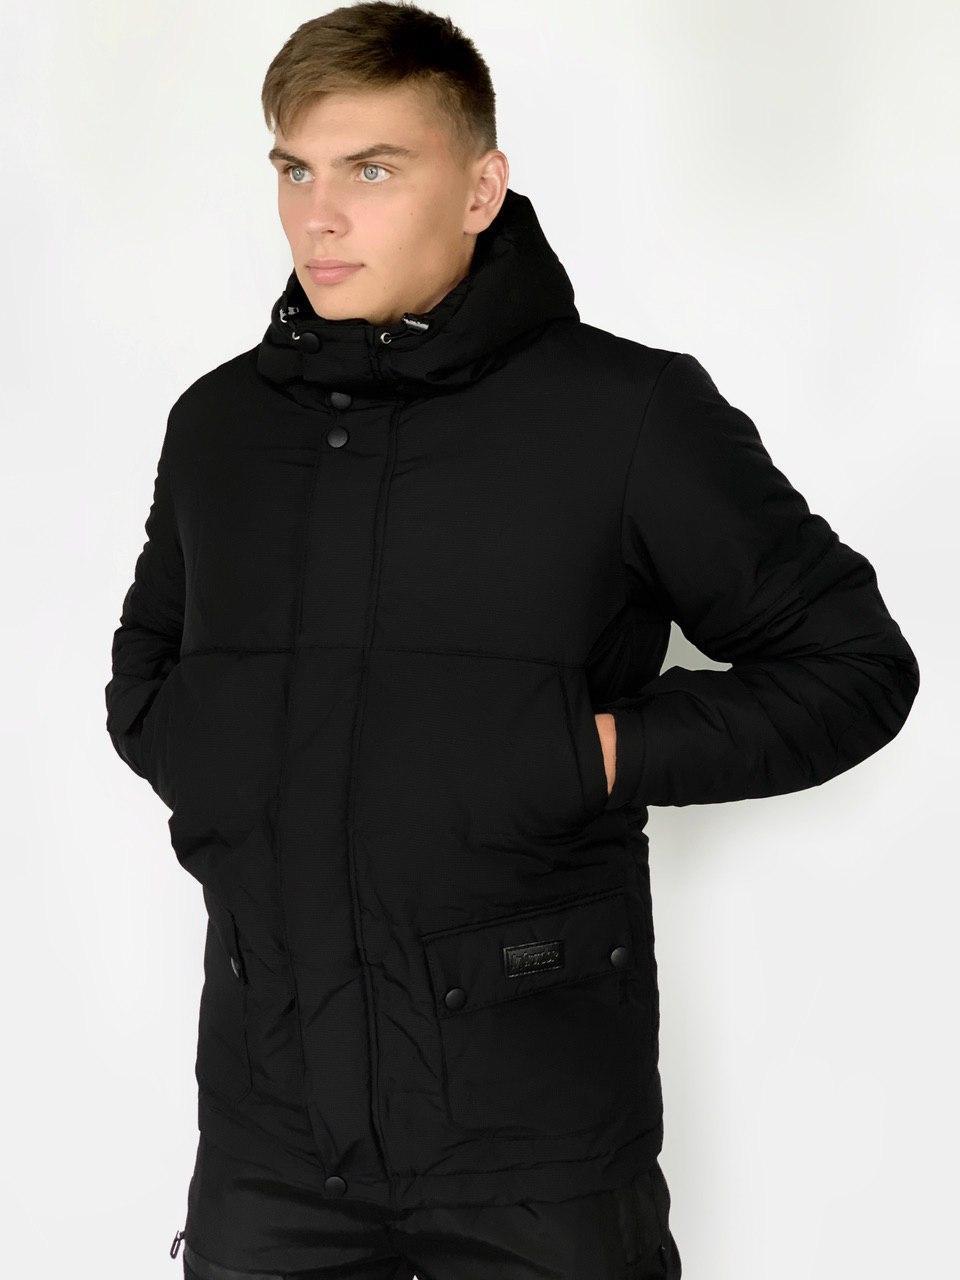 Демисезонная куртка Waterproof Intruder S Черная (1589541372)